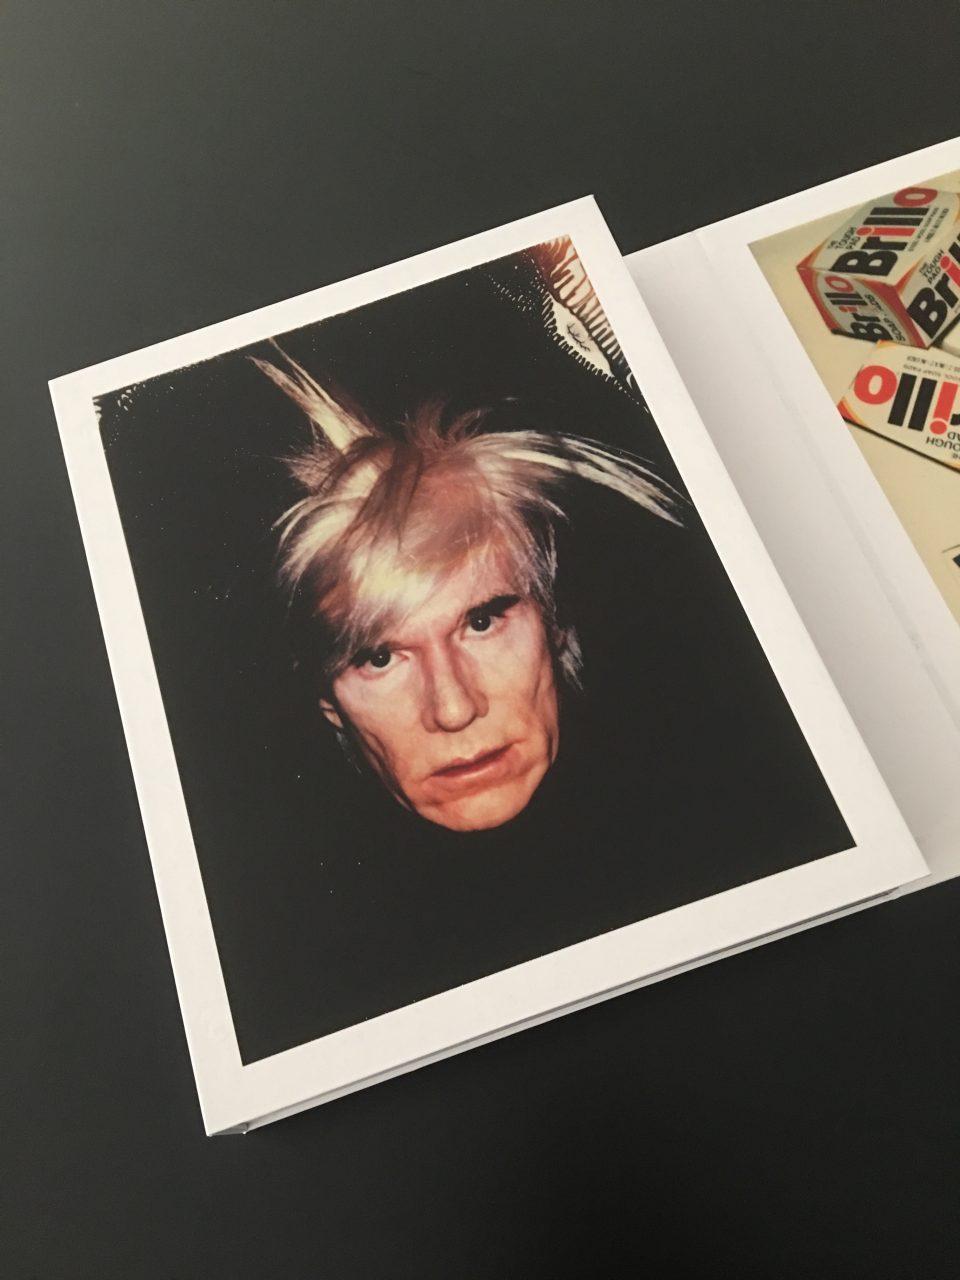 [:en]Andy Warhol's Polaroids